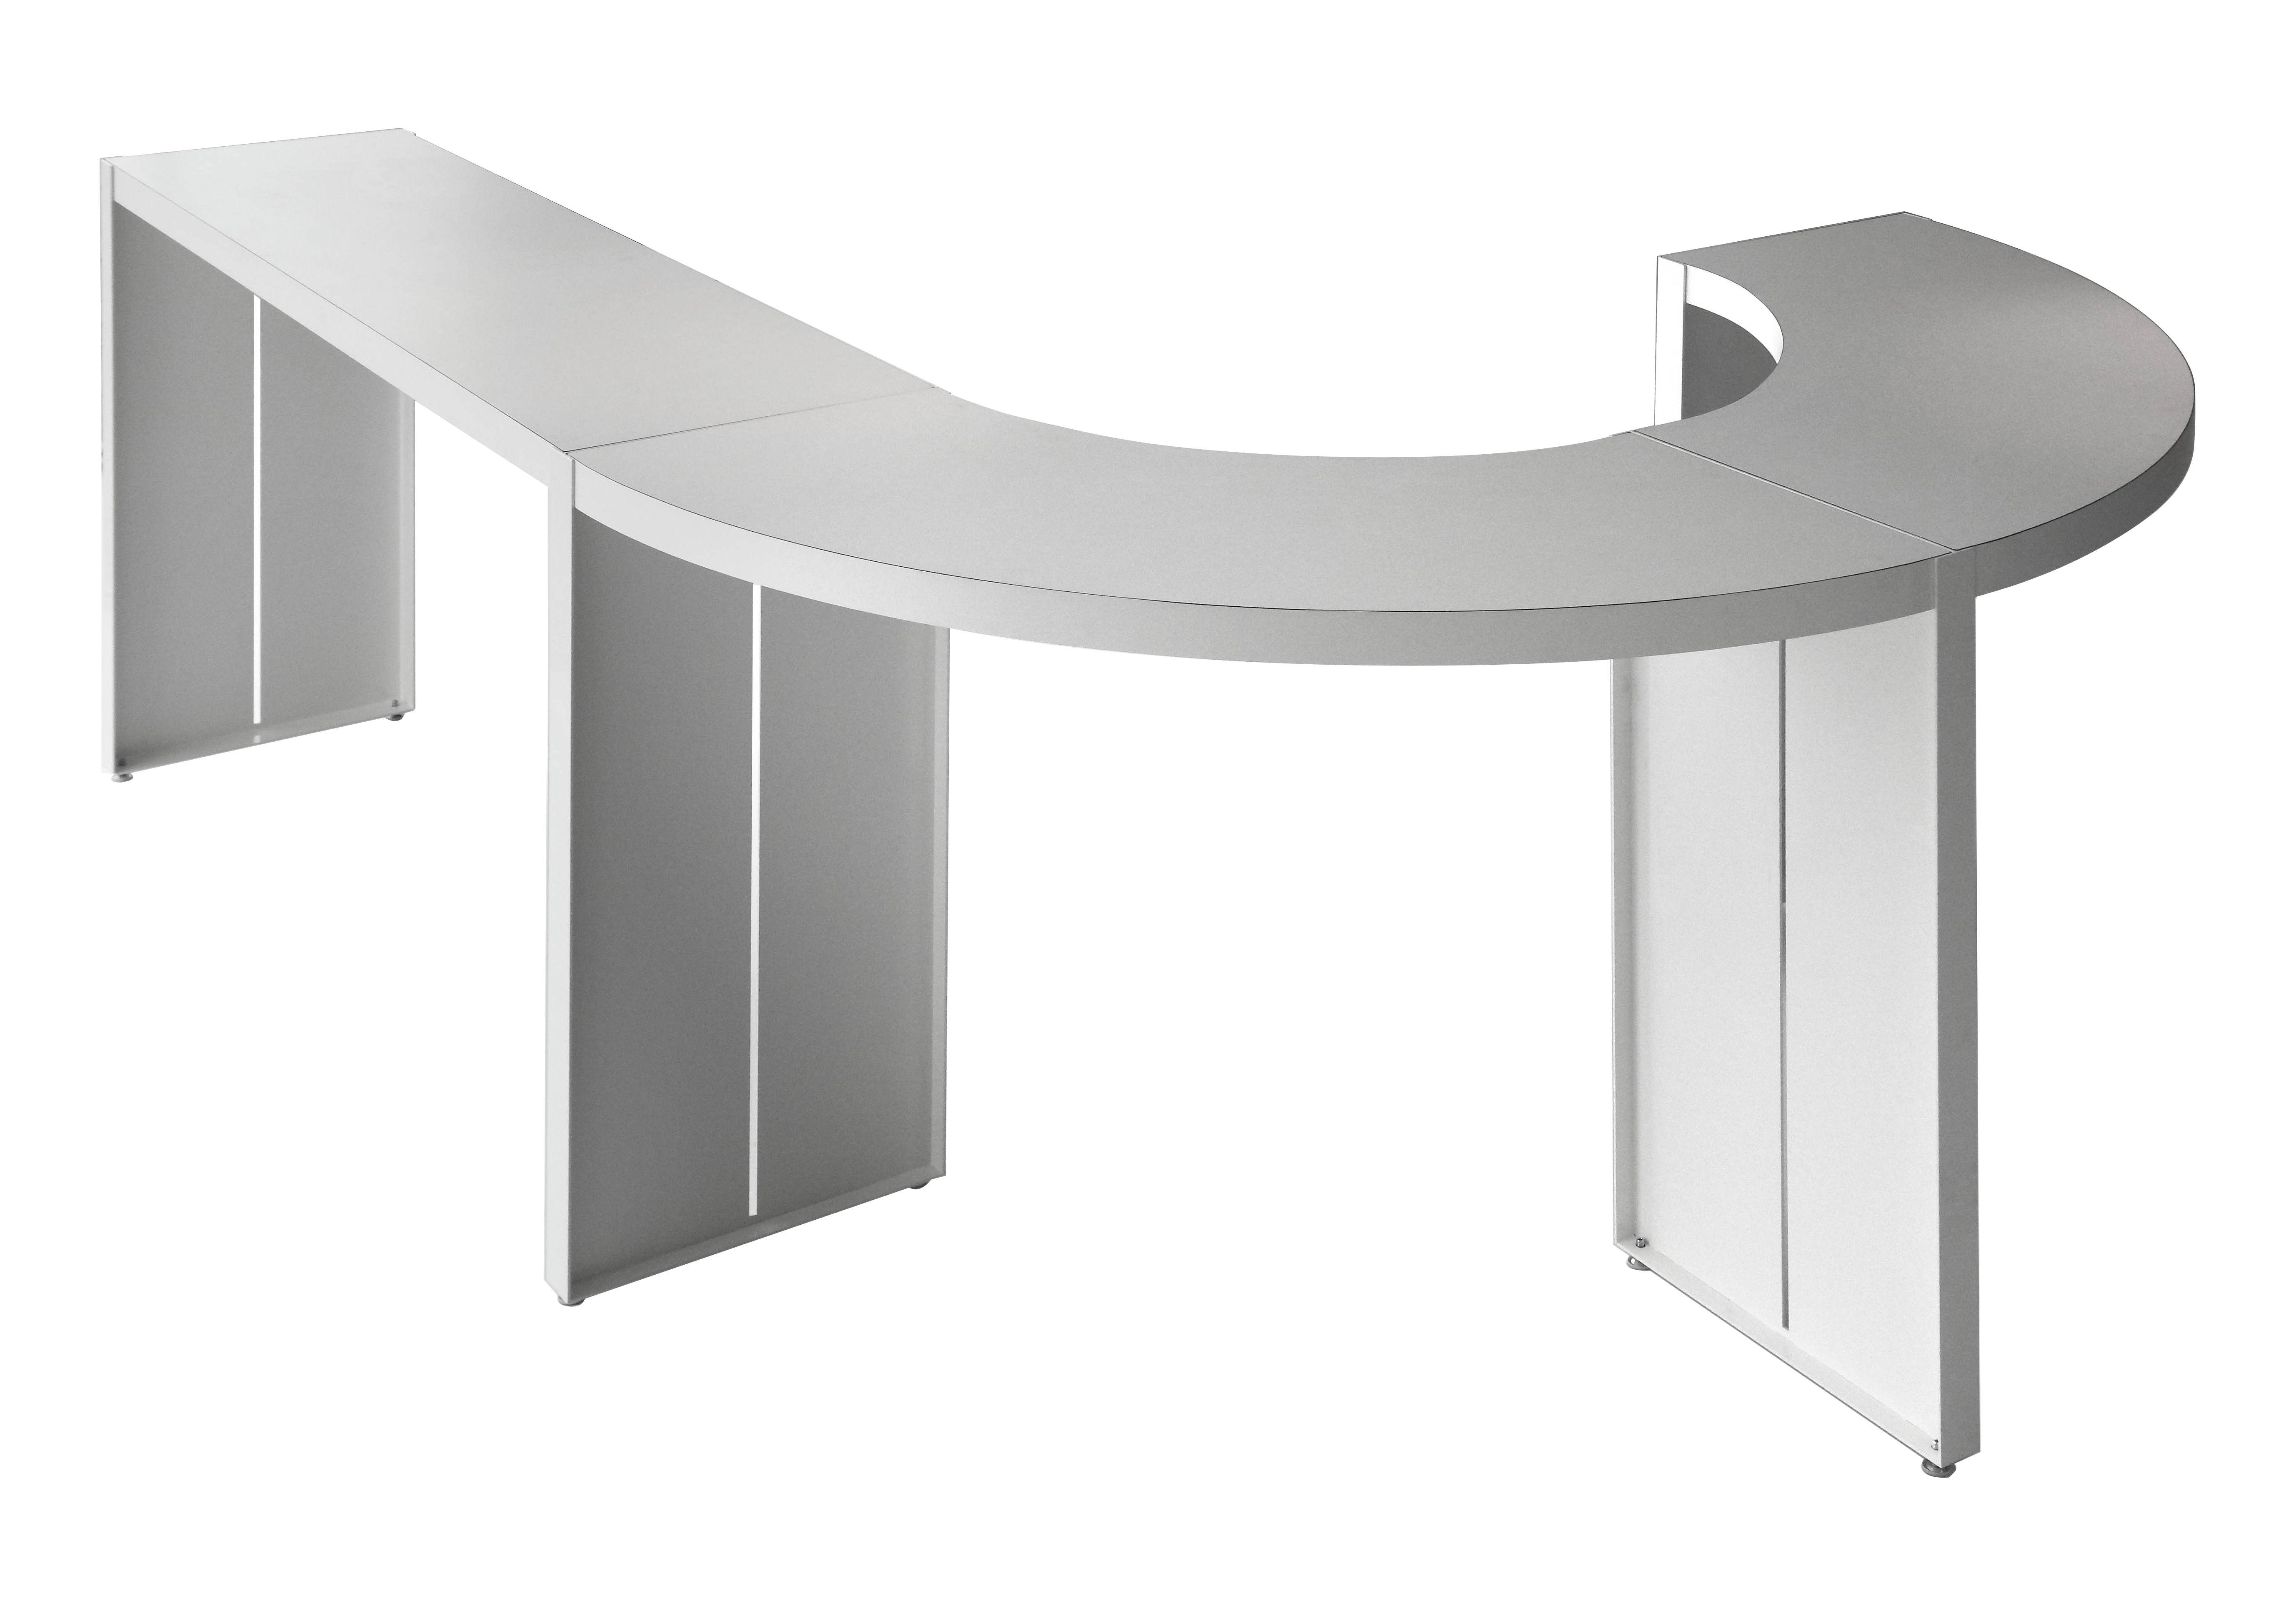 Möbel - Stehtische und Bars - Panco hoher Tisch / H 110 cm - L 290 cm - Lapalma - Weiß - Furnier, lackiertes Metall